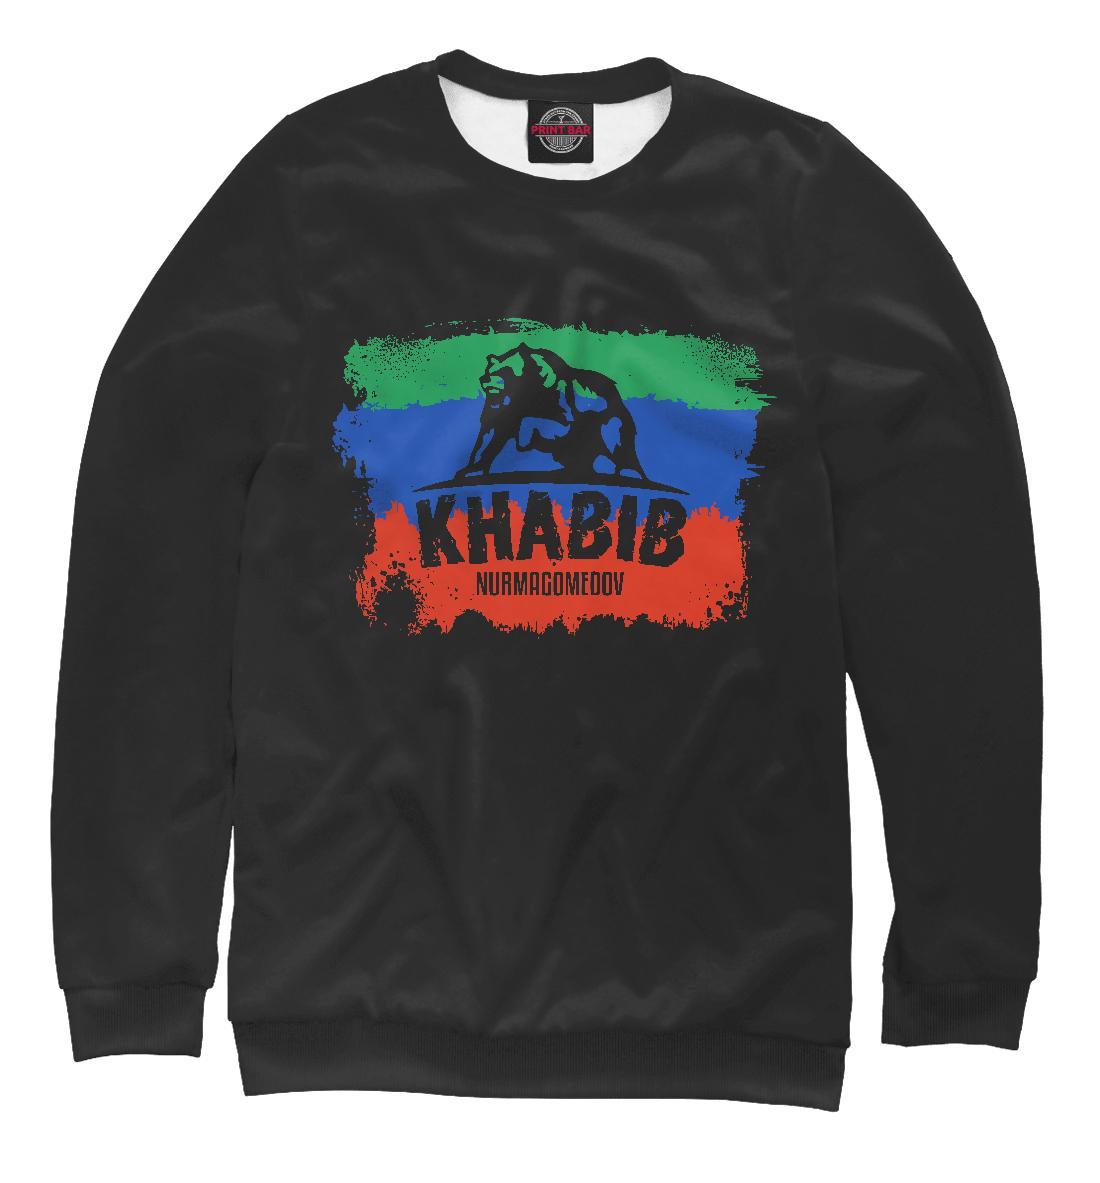 Купить Хабиб Нурмагомедов, Printbar, Свитшоты, NUR-417039-swi-2